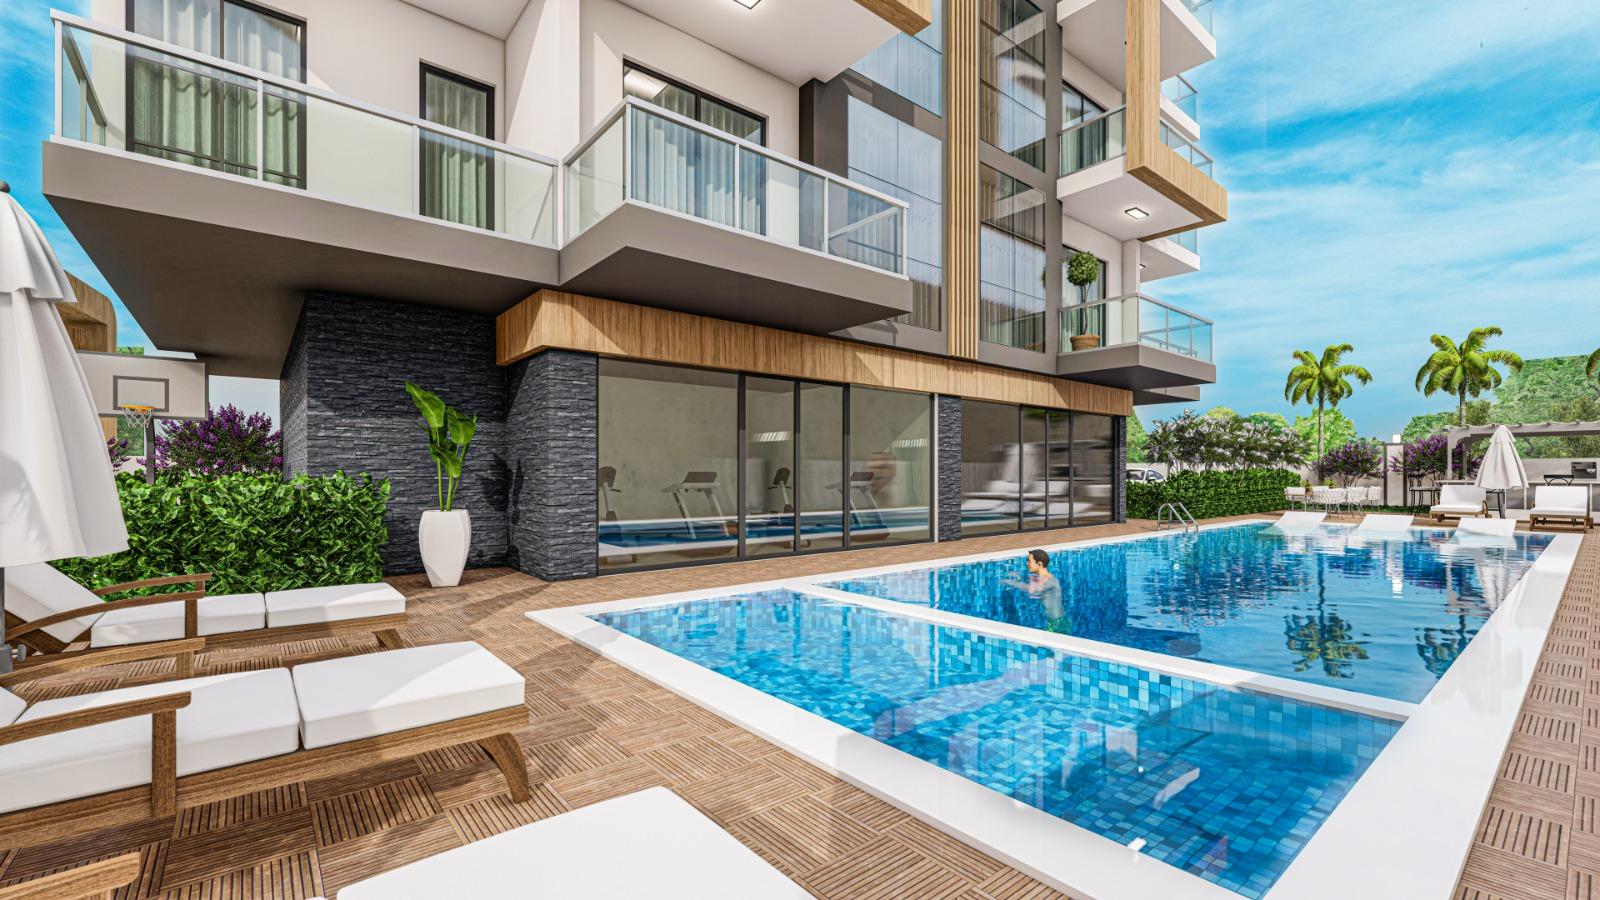 Новые квартиры по приемлемым ценам в строящемся комплексе - Фото 2